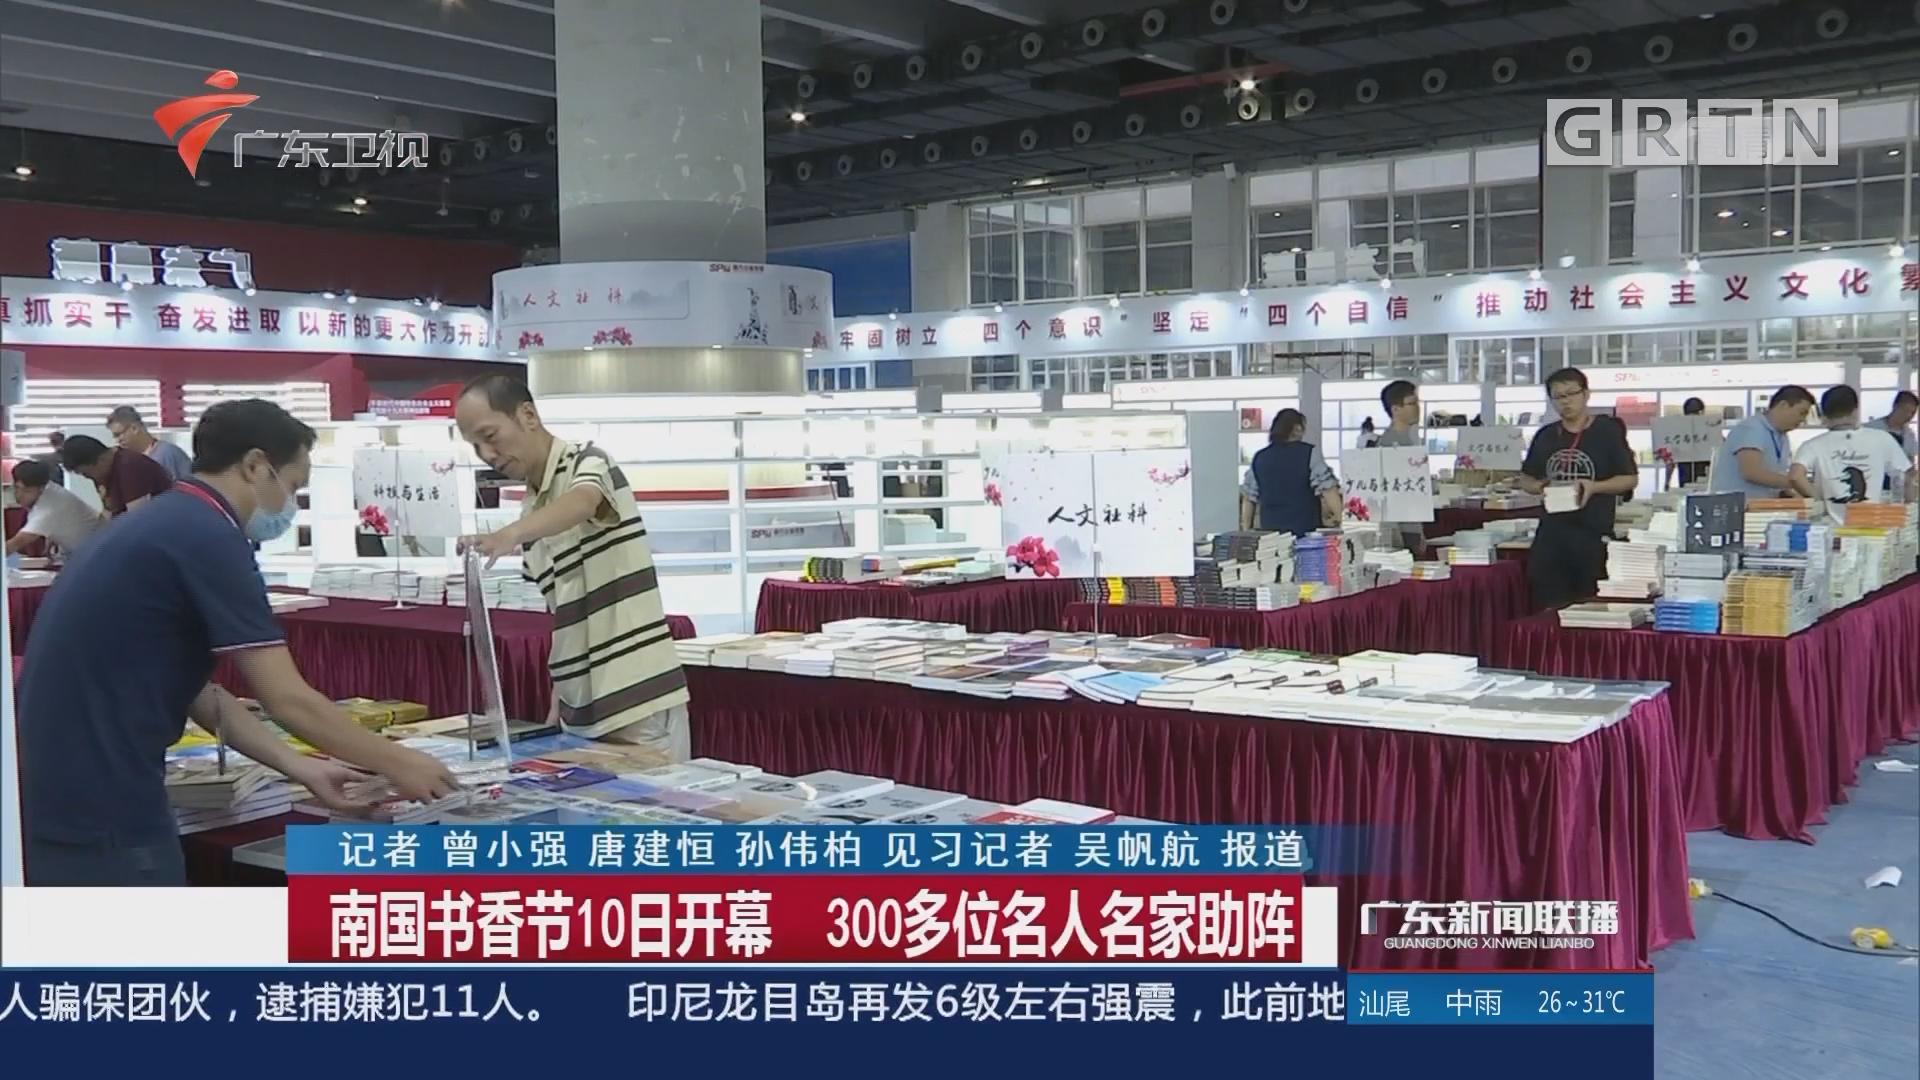 南国书香节10日开幕 300多位名人名家助阵